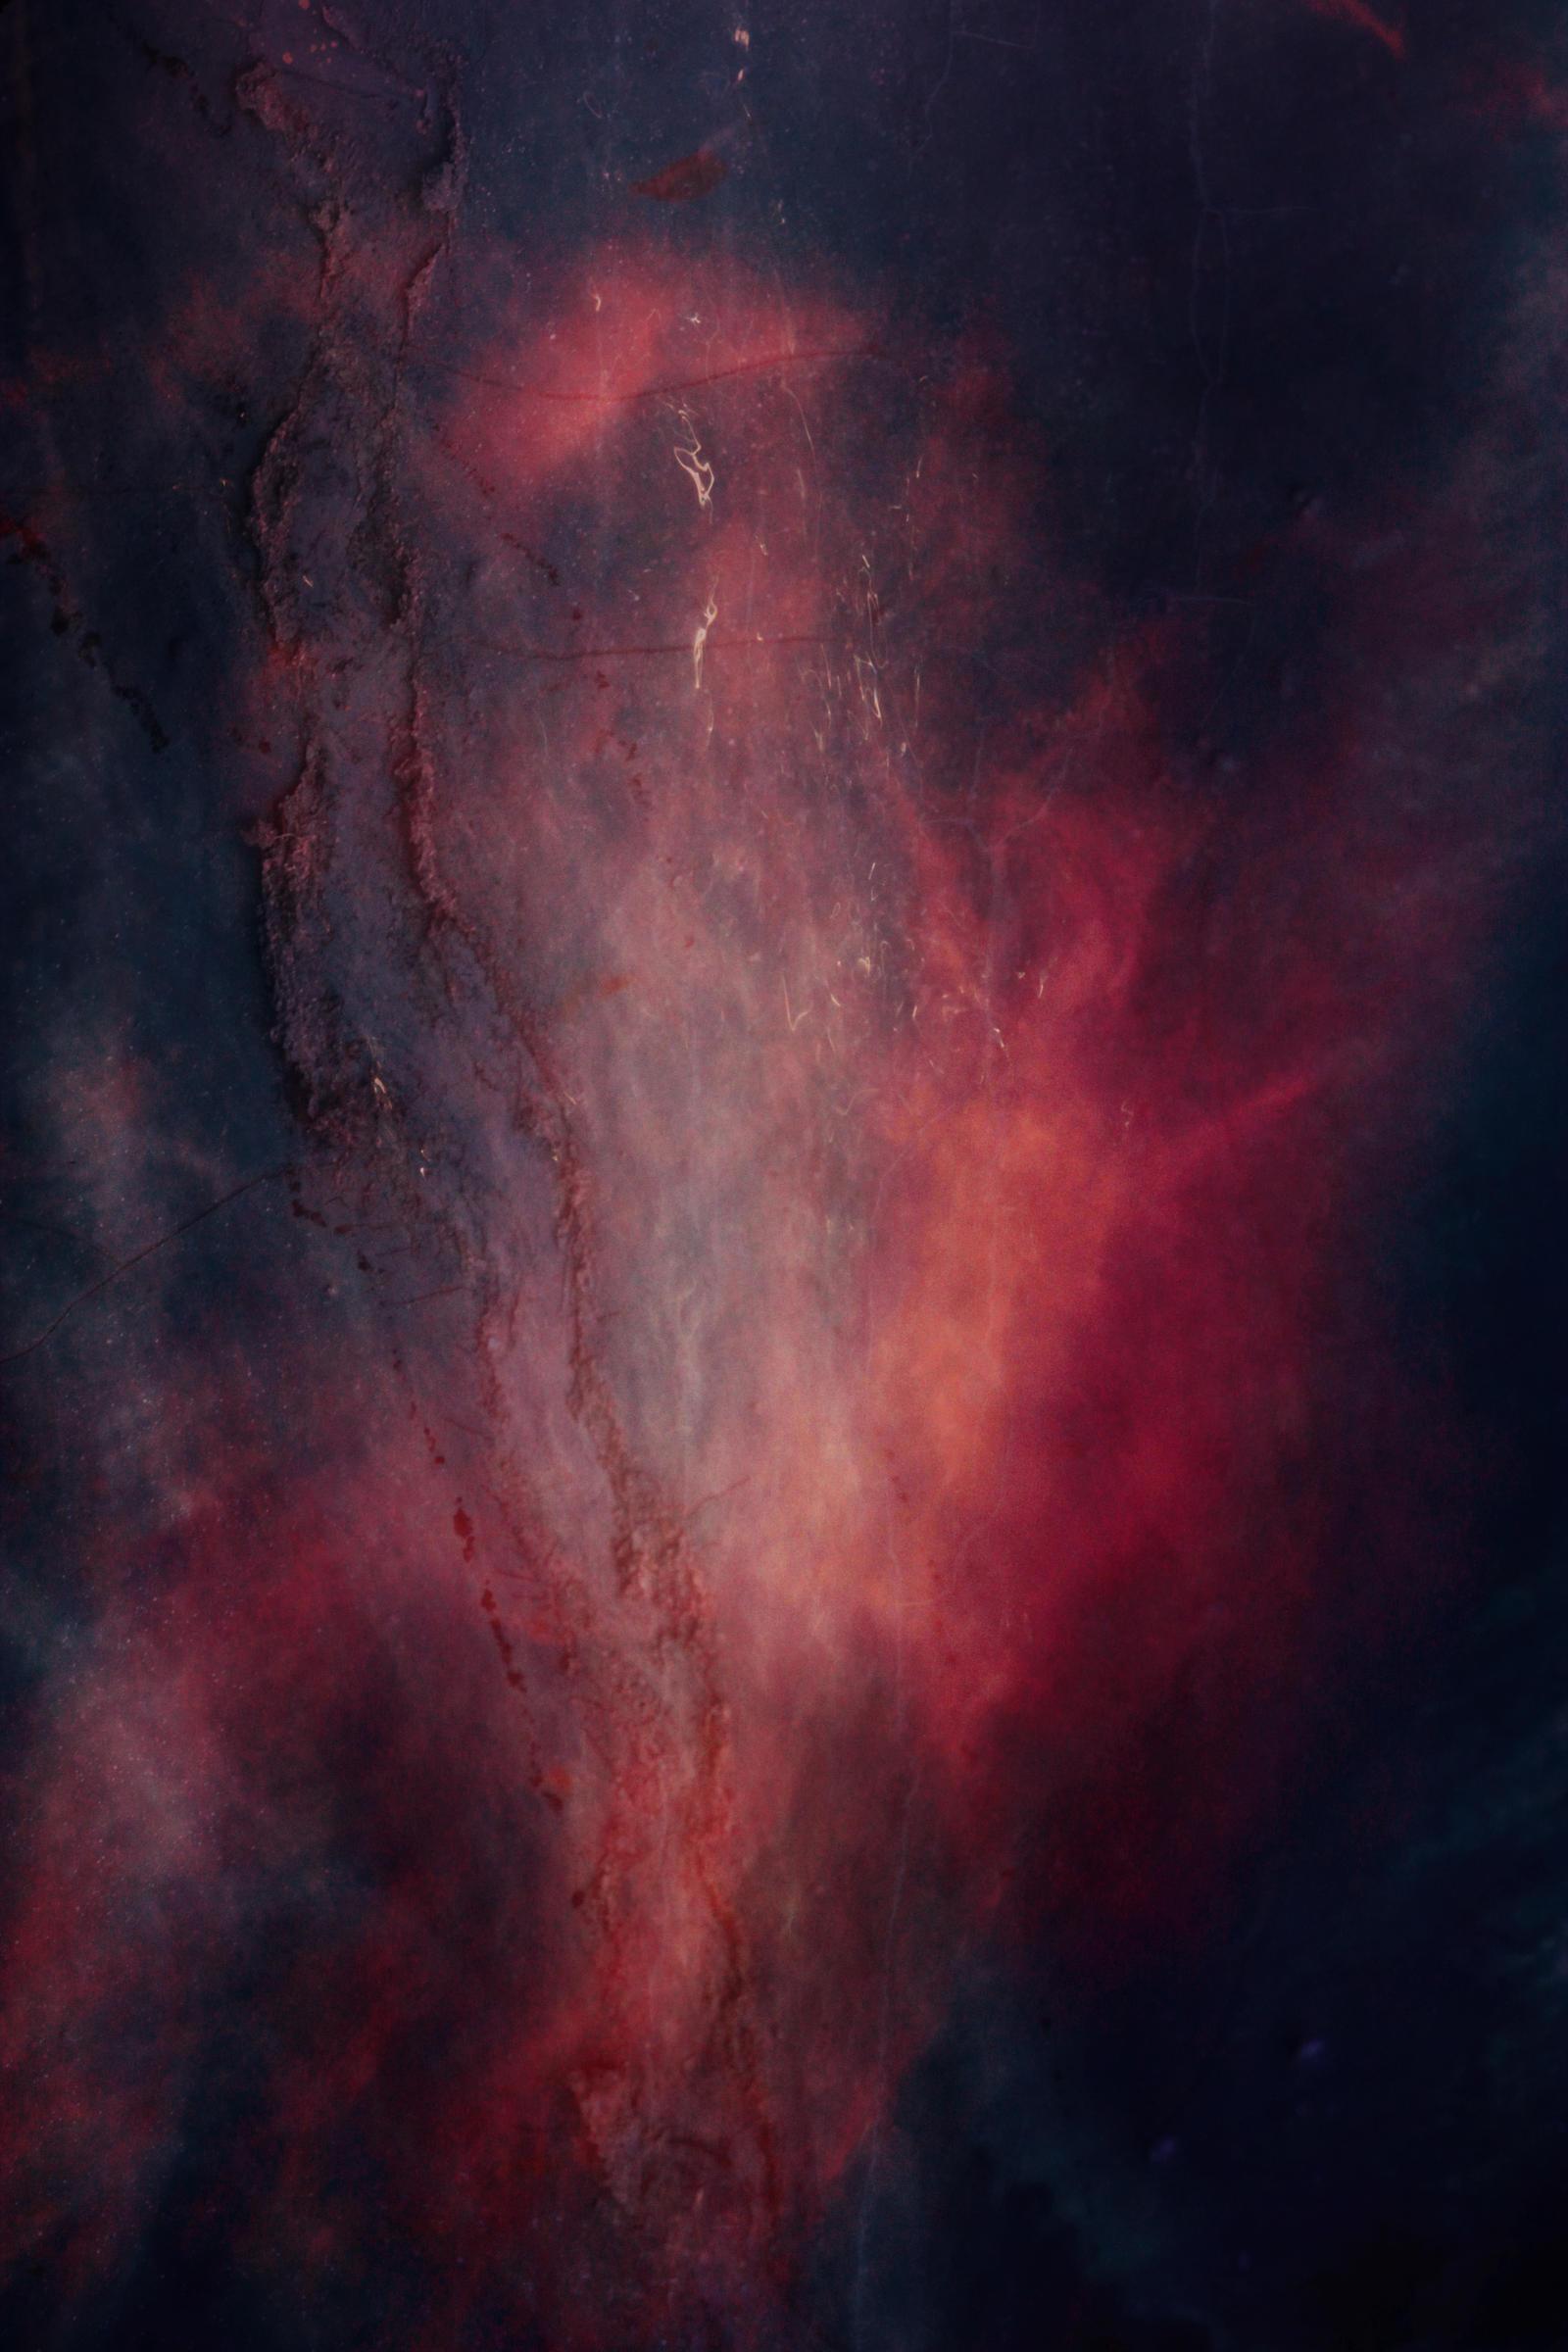 Texture 727 by Sirius-sdz